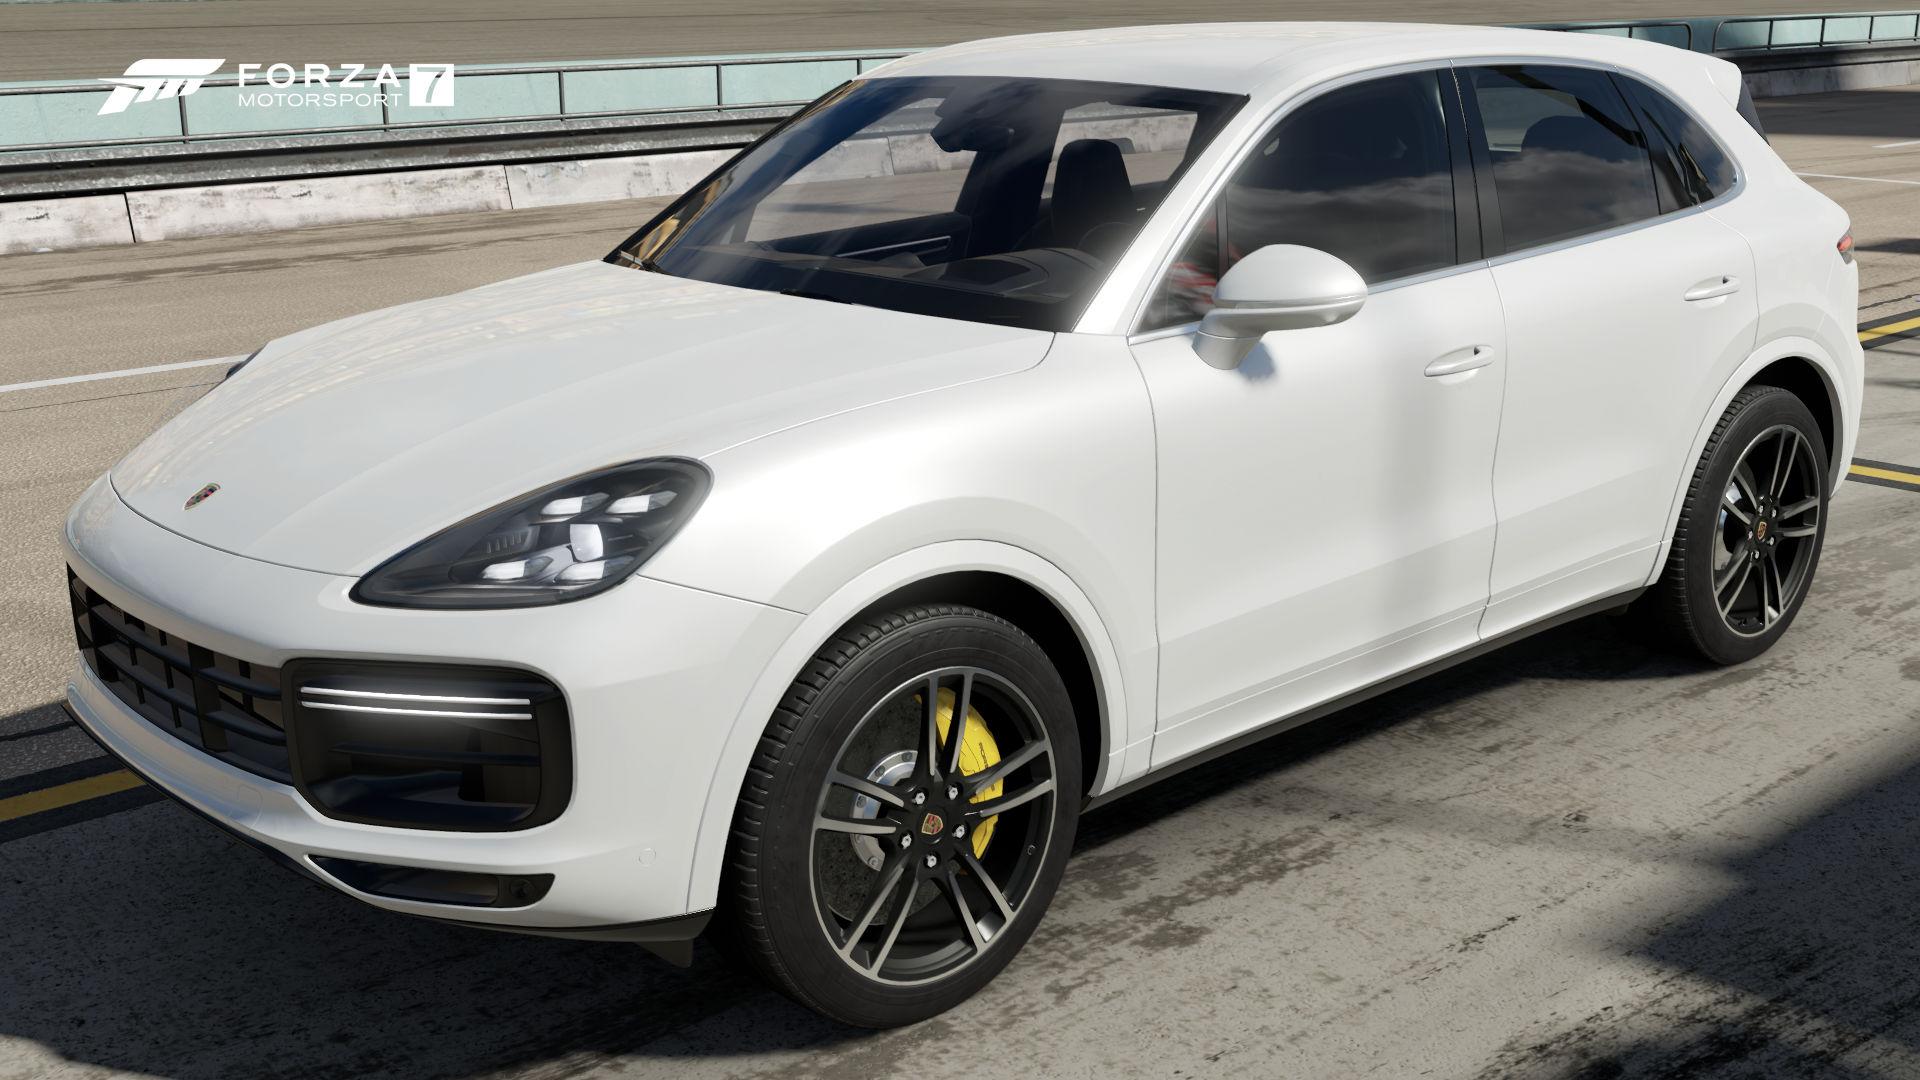 Porsche Cayenne Turbo (2018) | Forza Motorsport Wiki | FANDOM ...